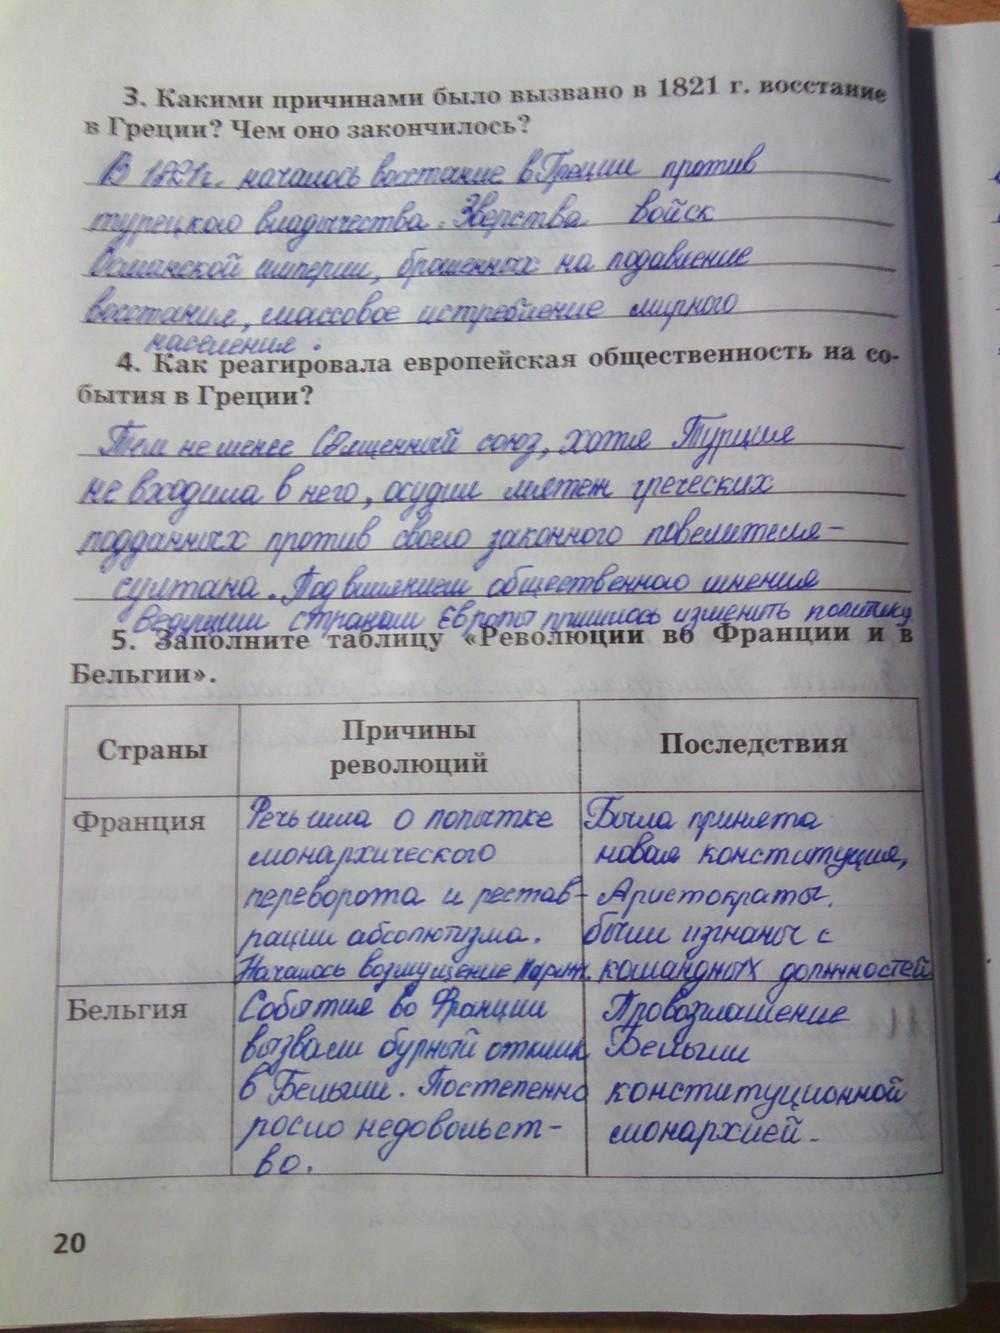 Гдз история 8класс история россии рабочая тетрадь